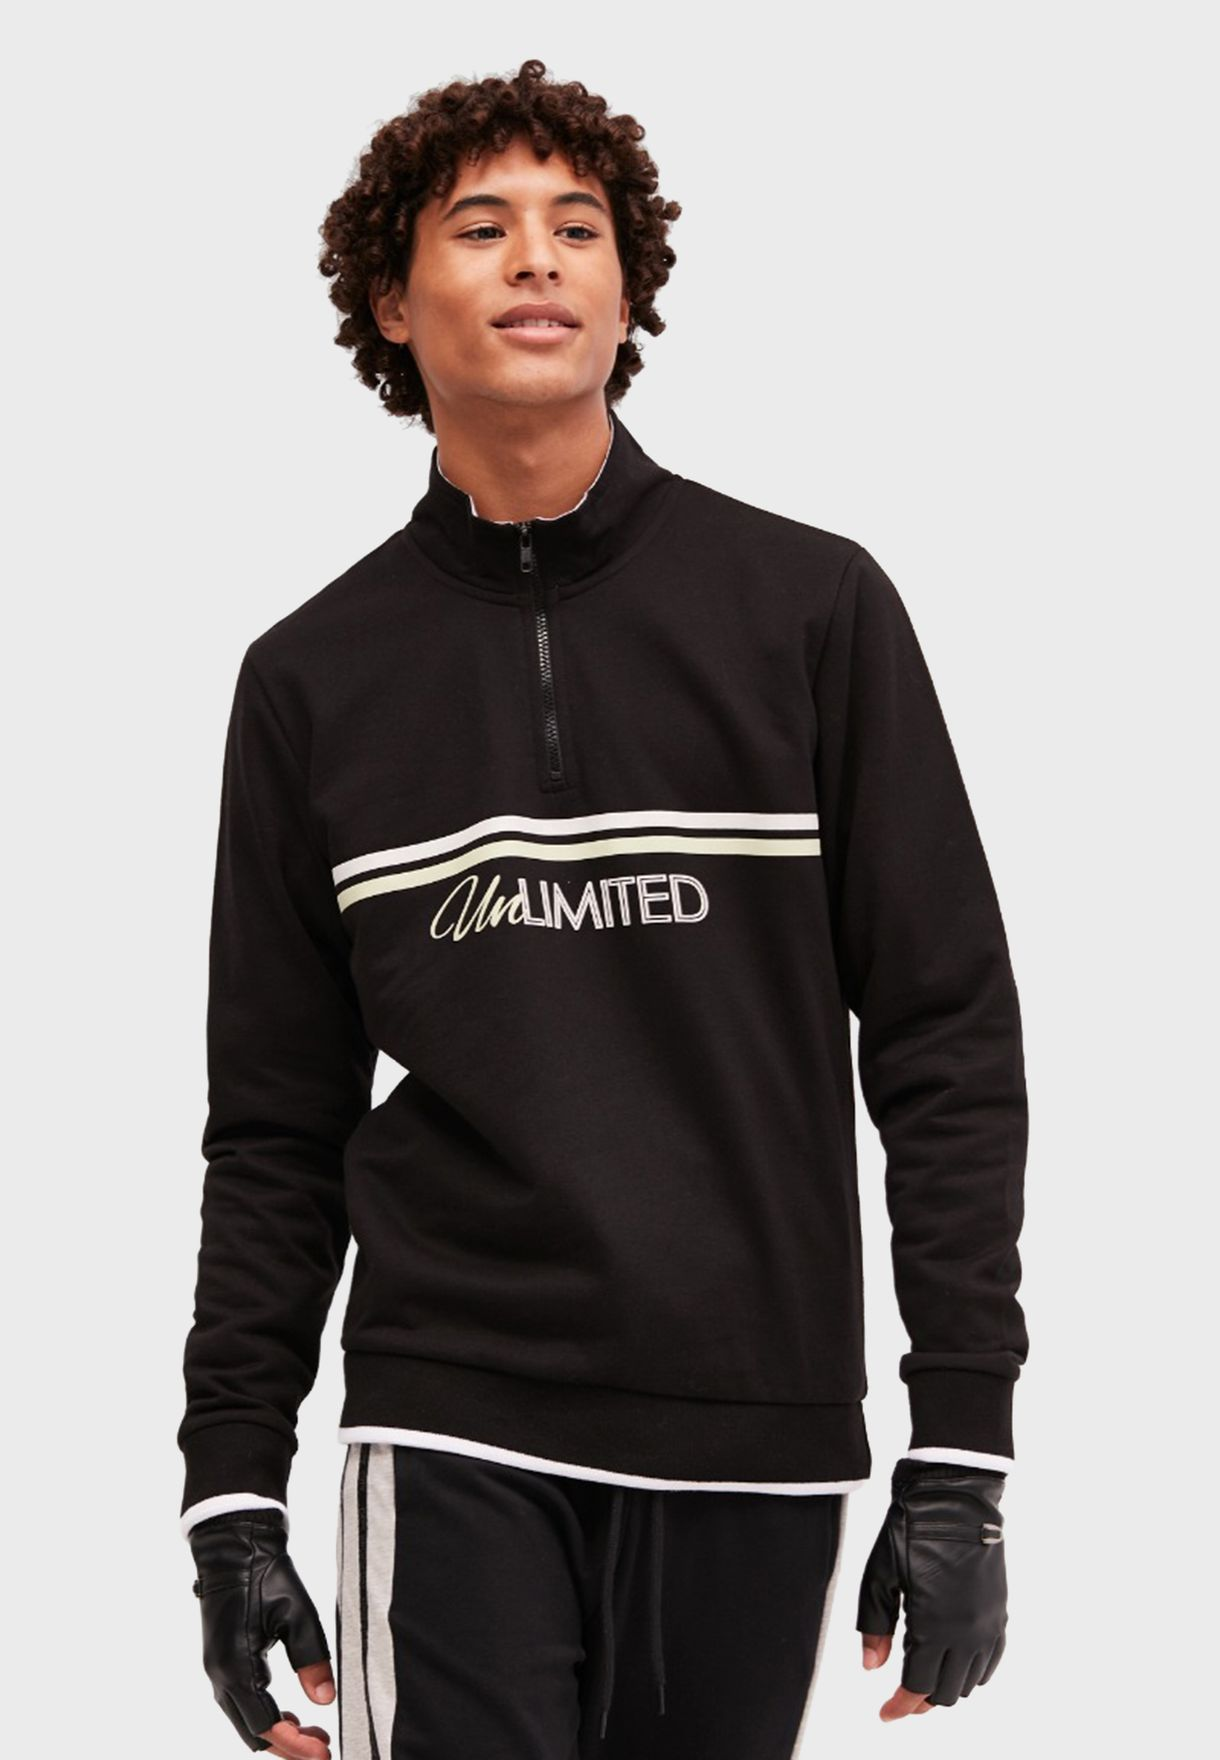 Unlimited Half Zip Sweatshirt